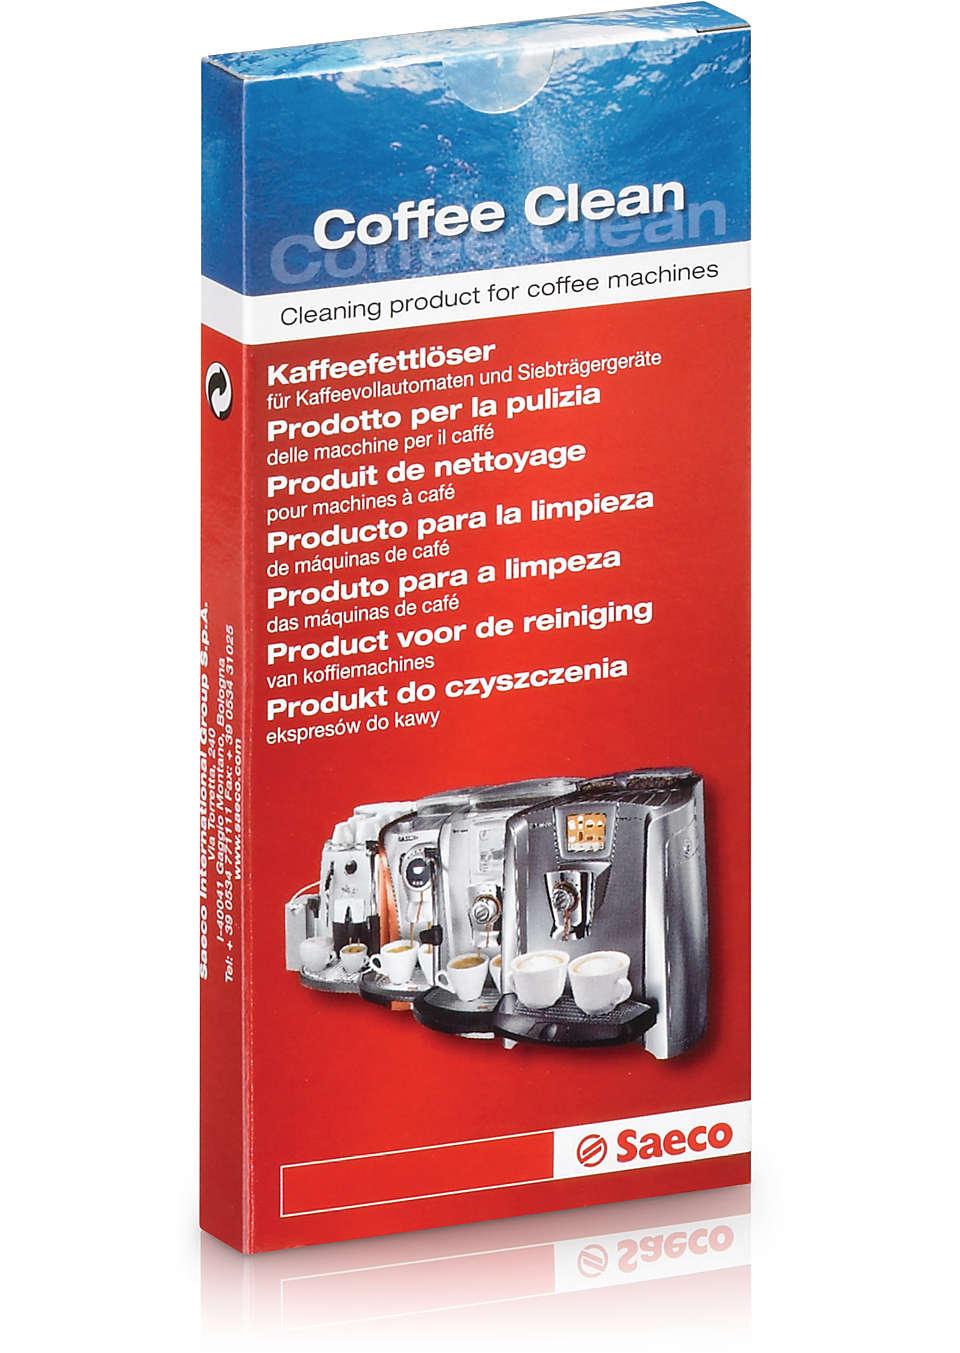 Prodotto per la pulizia delle macchine per caffè